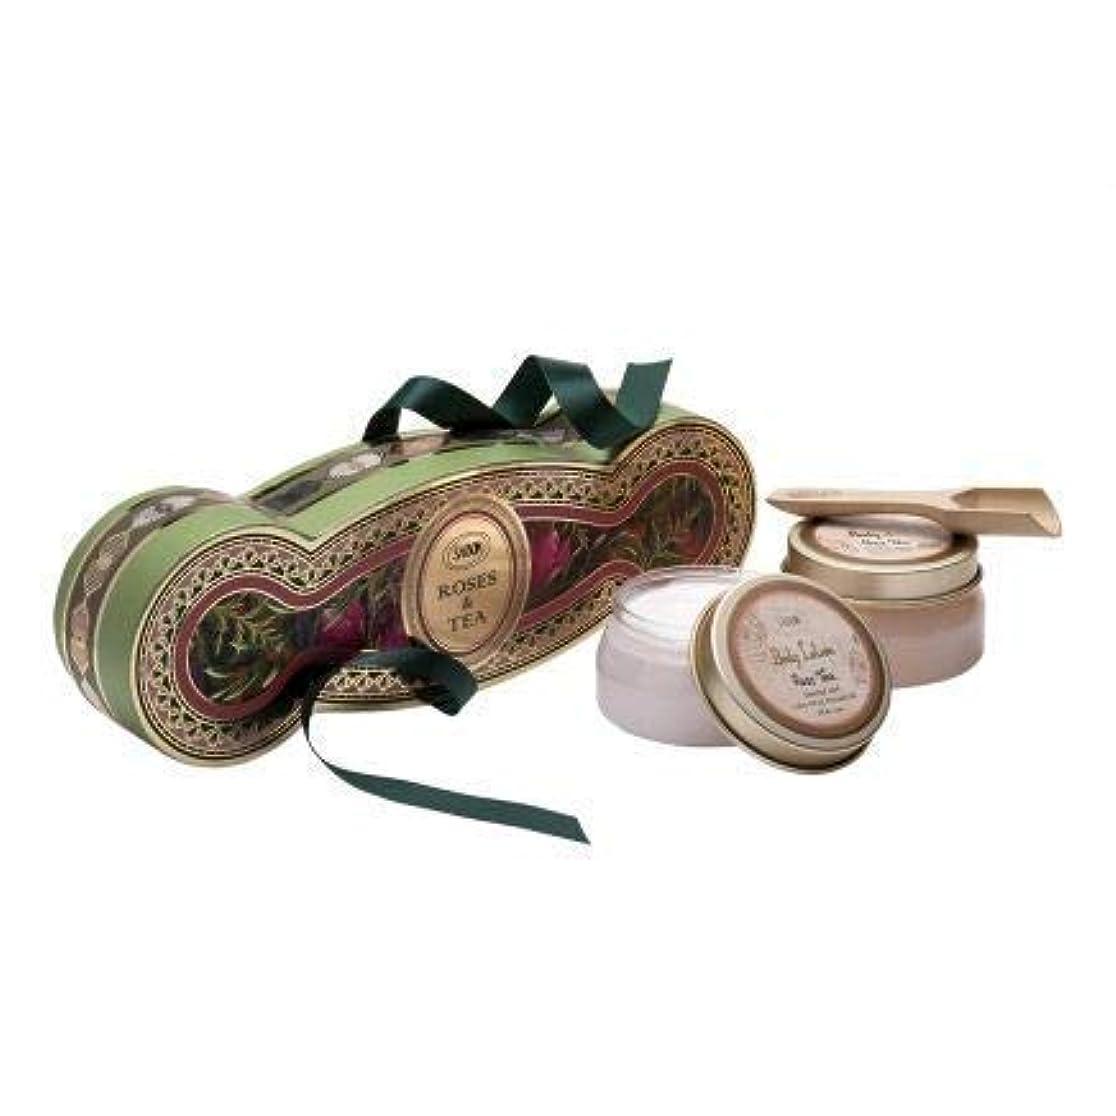 サボン コフレ ギフト ローズティー キット ボディスクラブ ボディローション ホワイトデー SABON Rose Tea kit コレクション